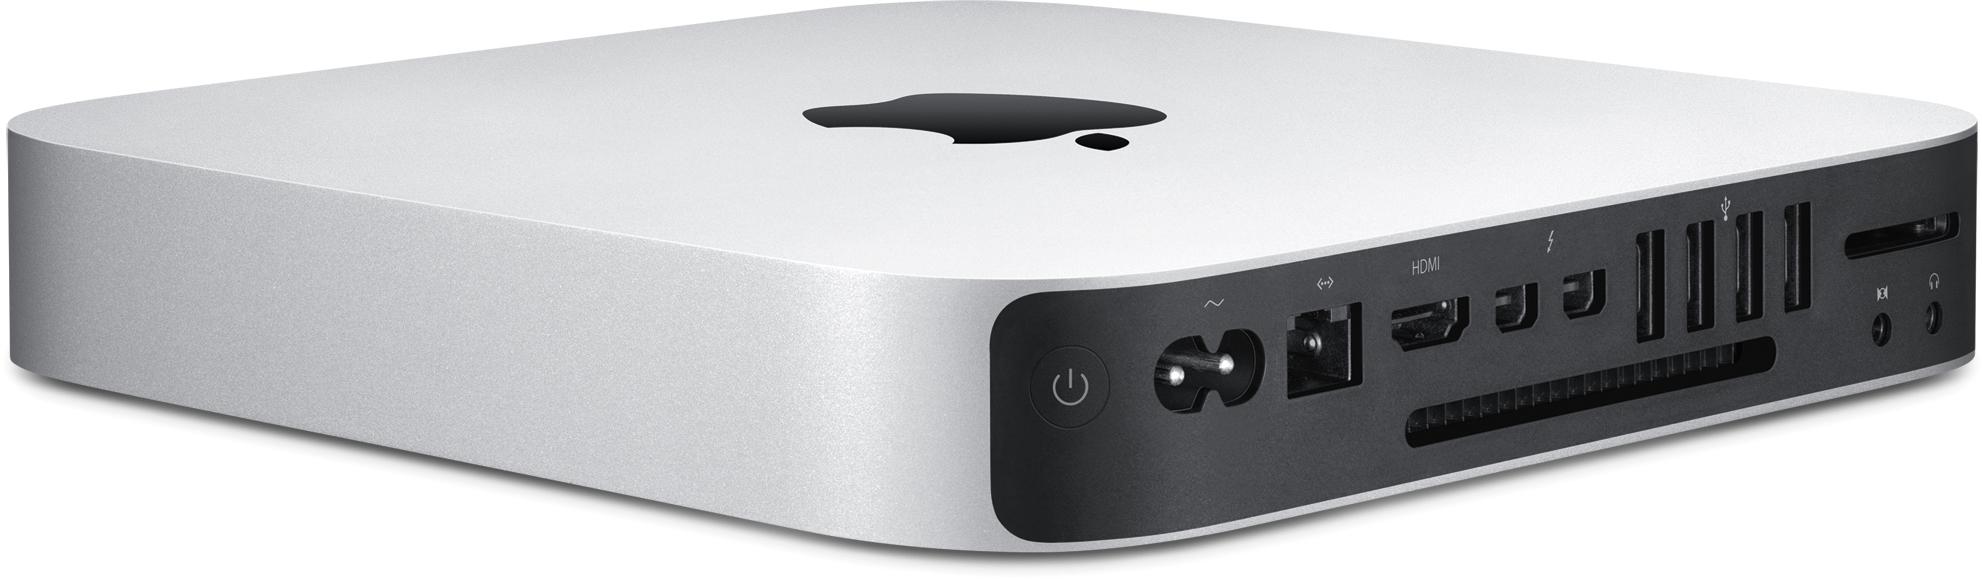 Novo Mac mini de frente e de trás